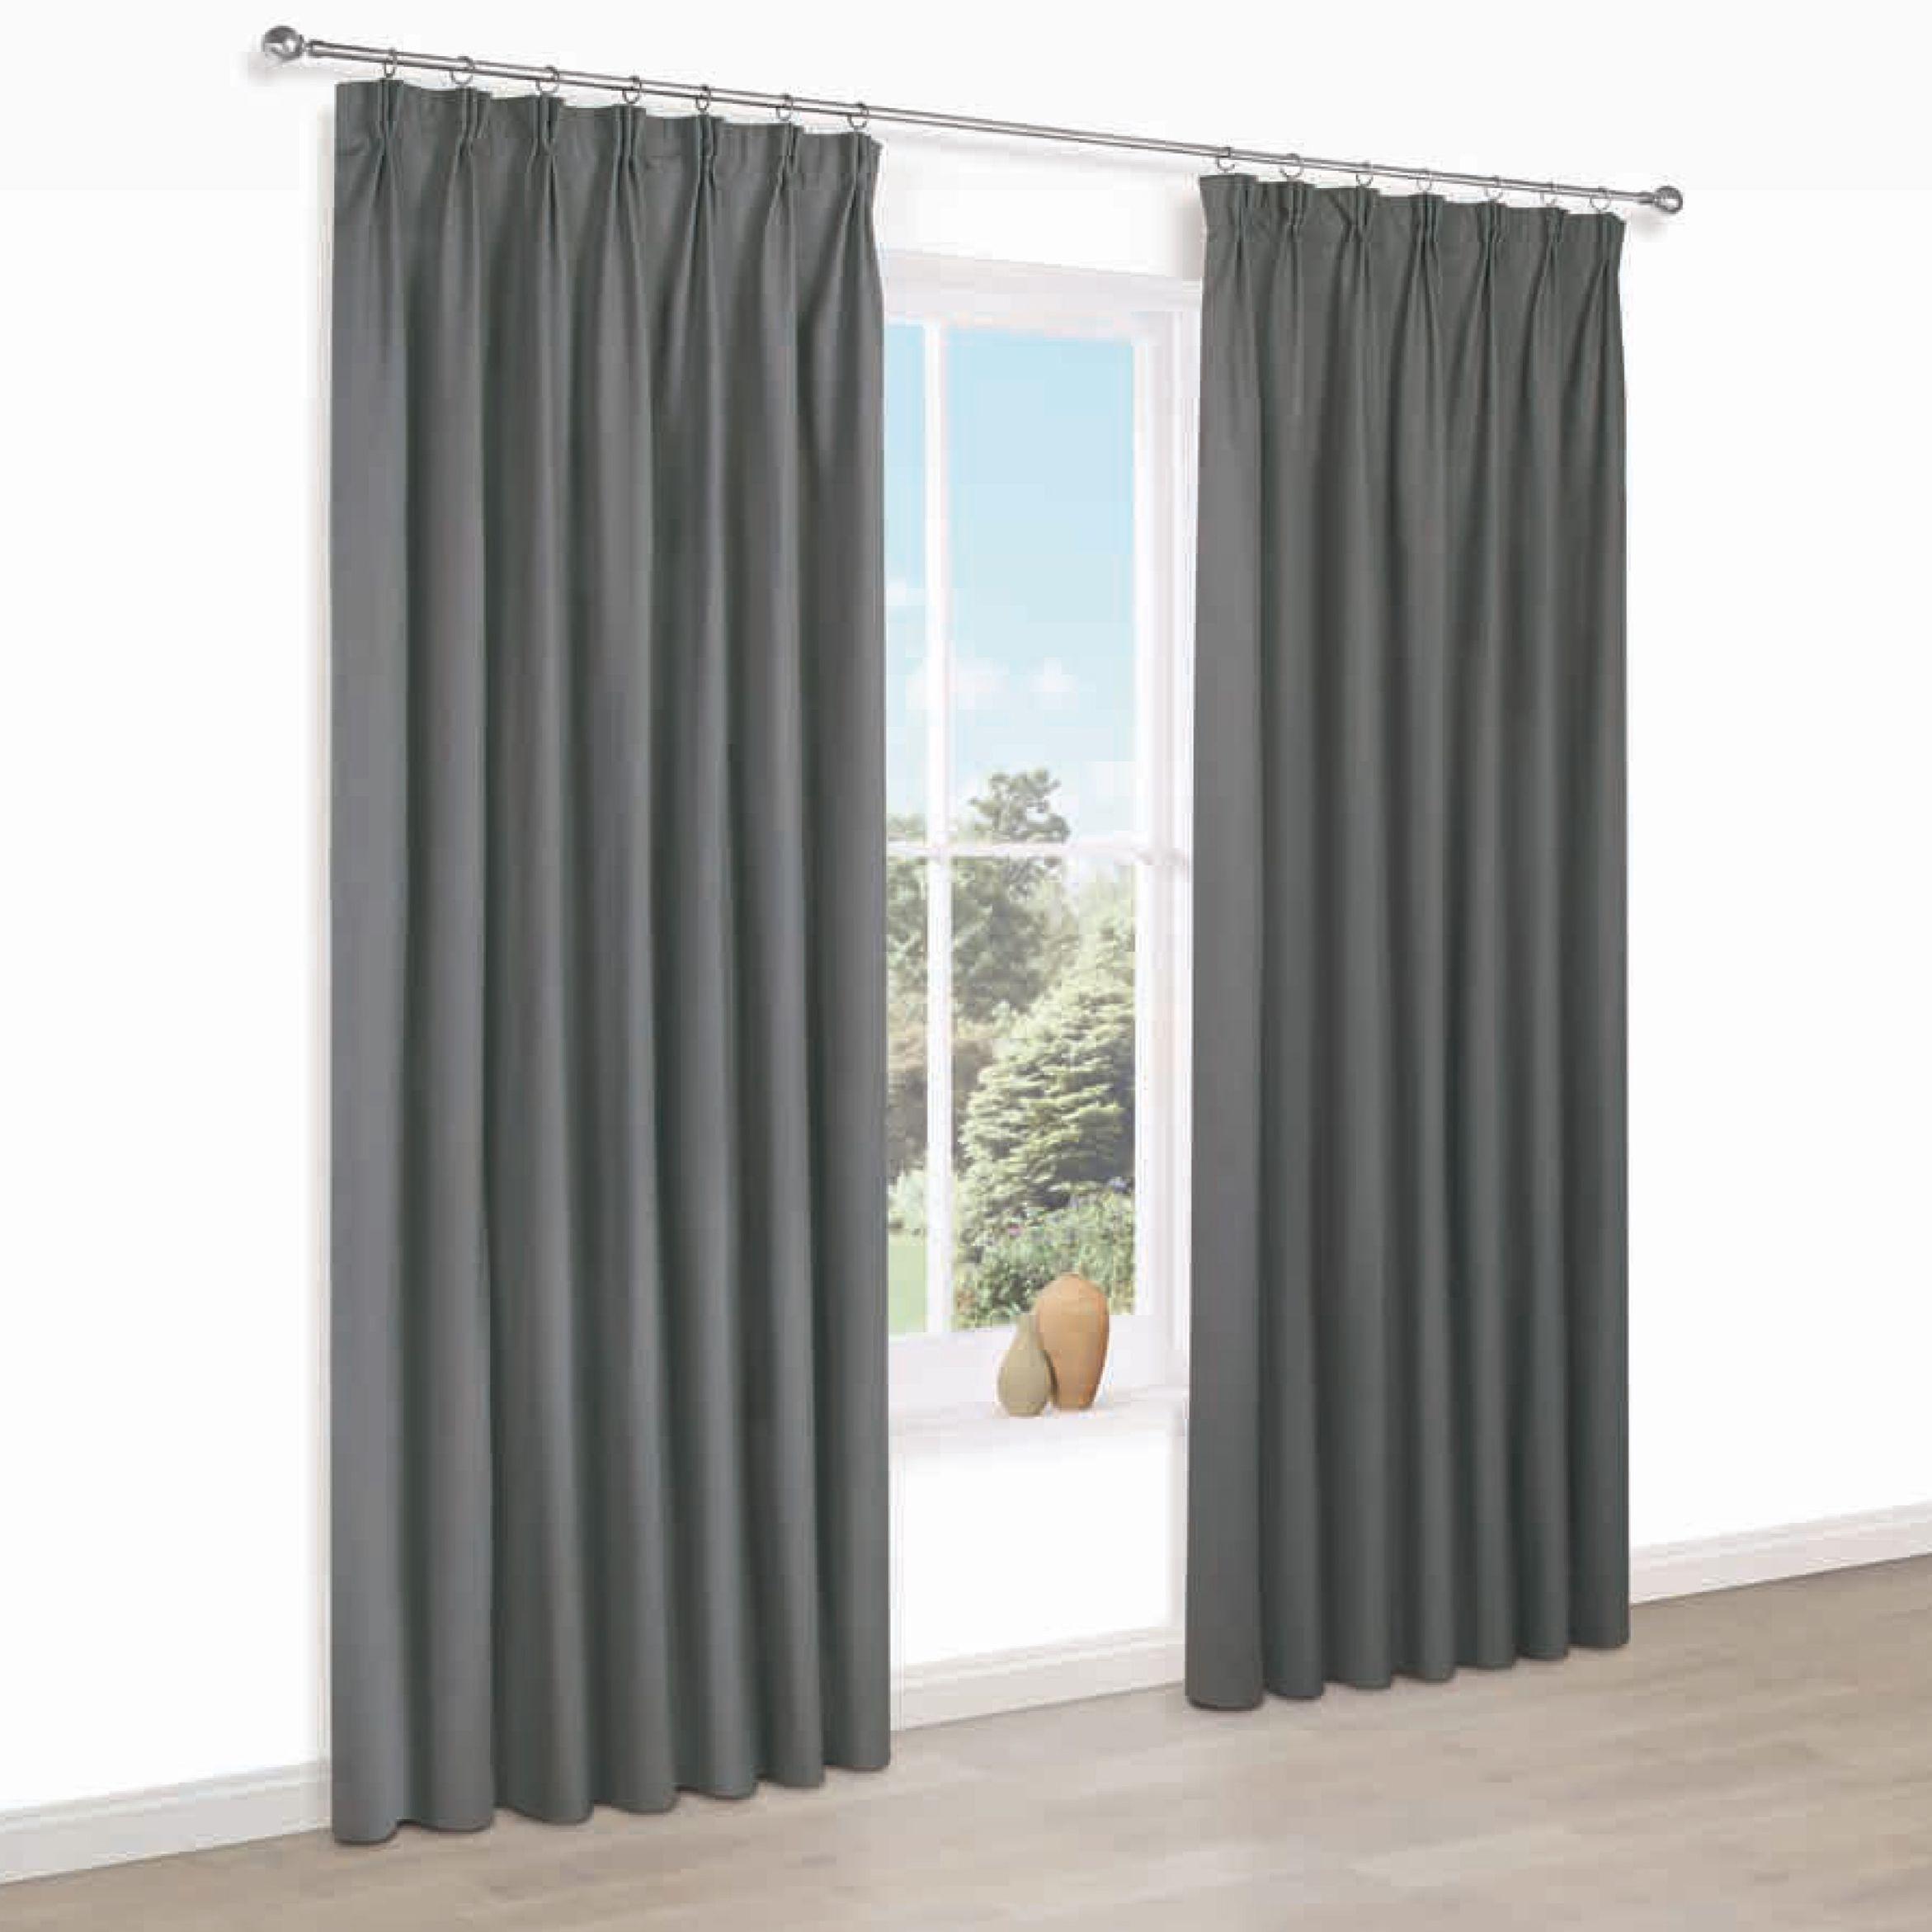 Prestige Anthracite Plain Pencil Pleat Lined Curtains (w)117 Cm (l)137 Cm